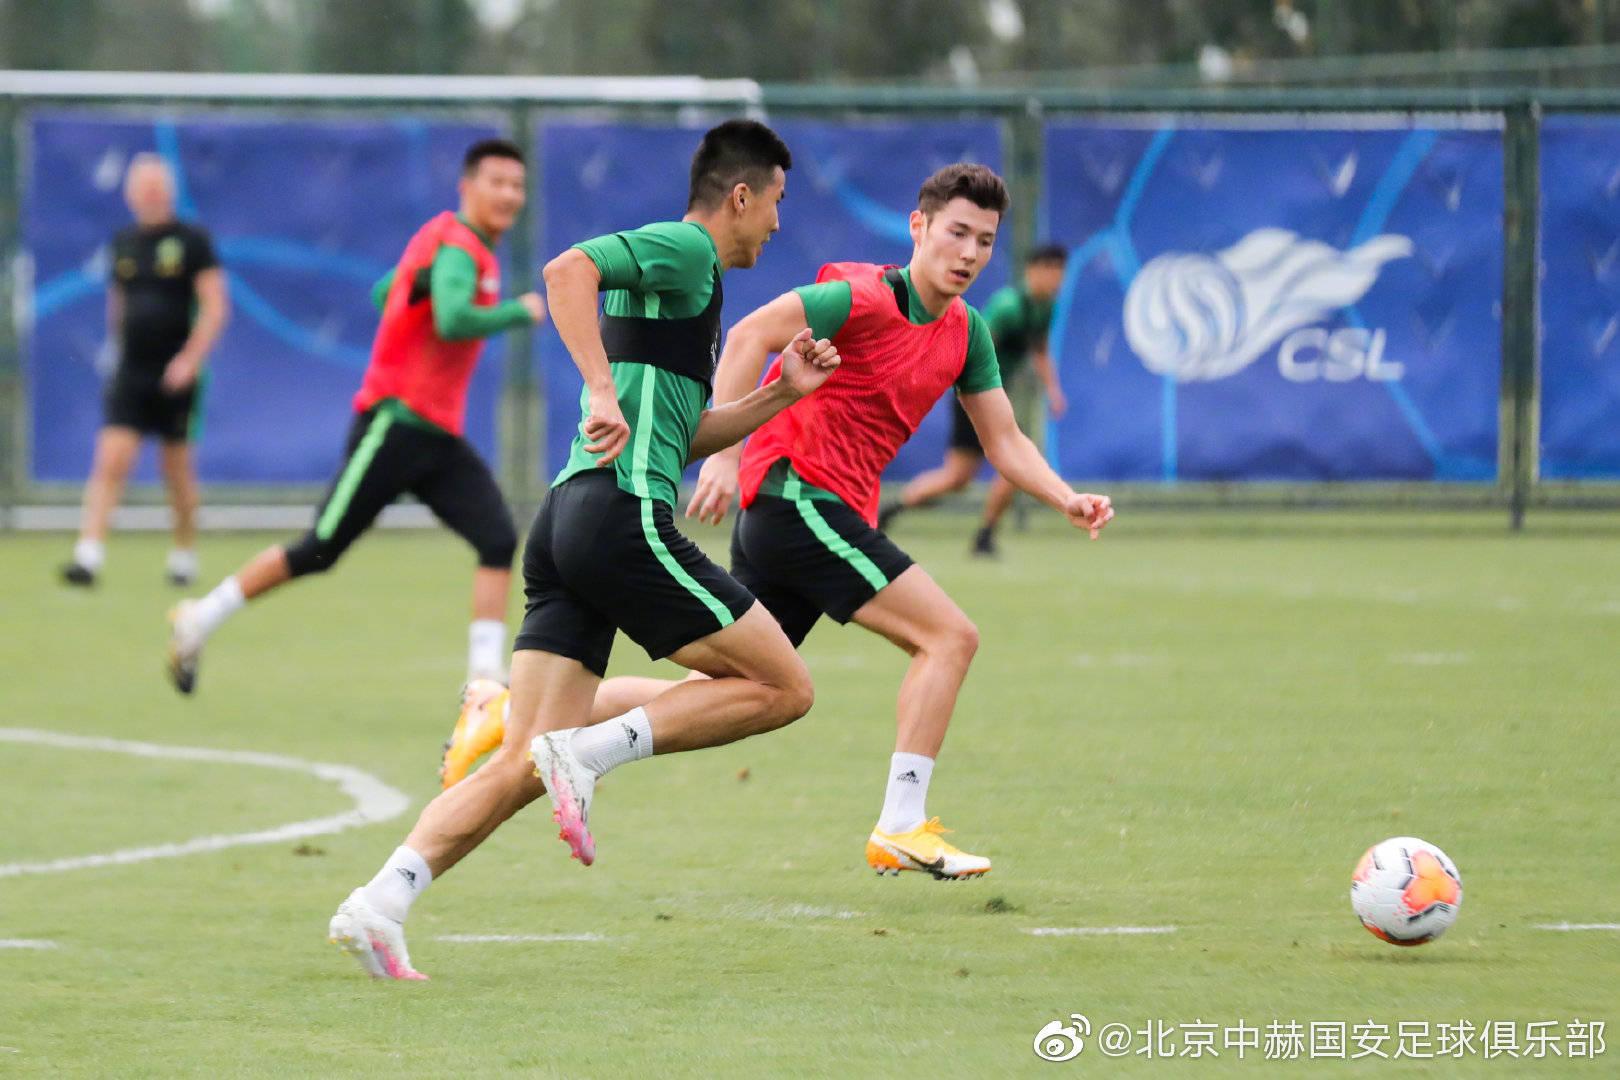 中超第二阶段比赛即将开始,北京中赫国安俱乐部进行最后的备战